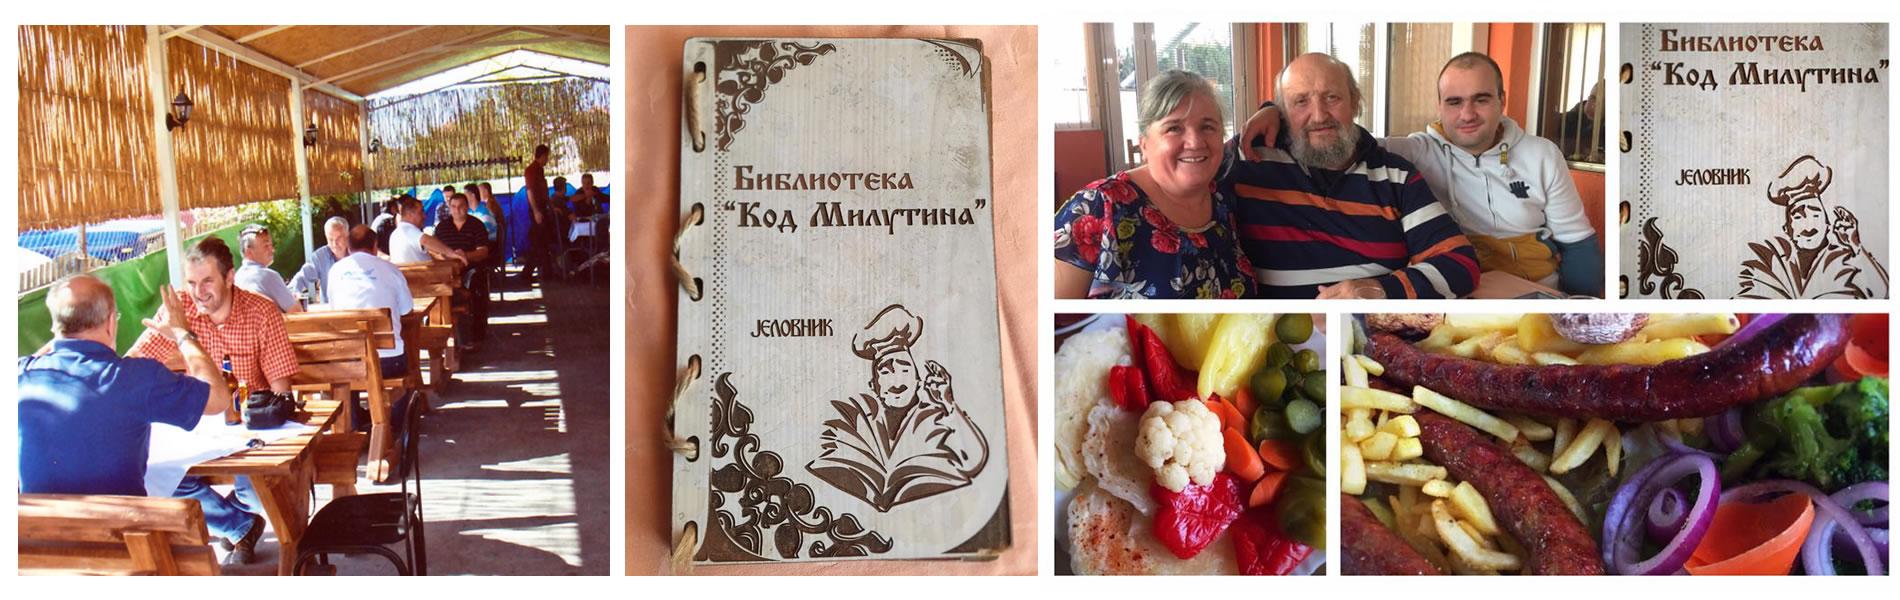 Restoran Biblioteka kod Milutina cover